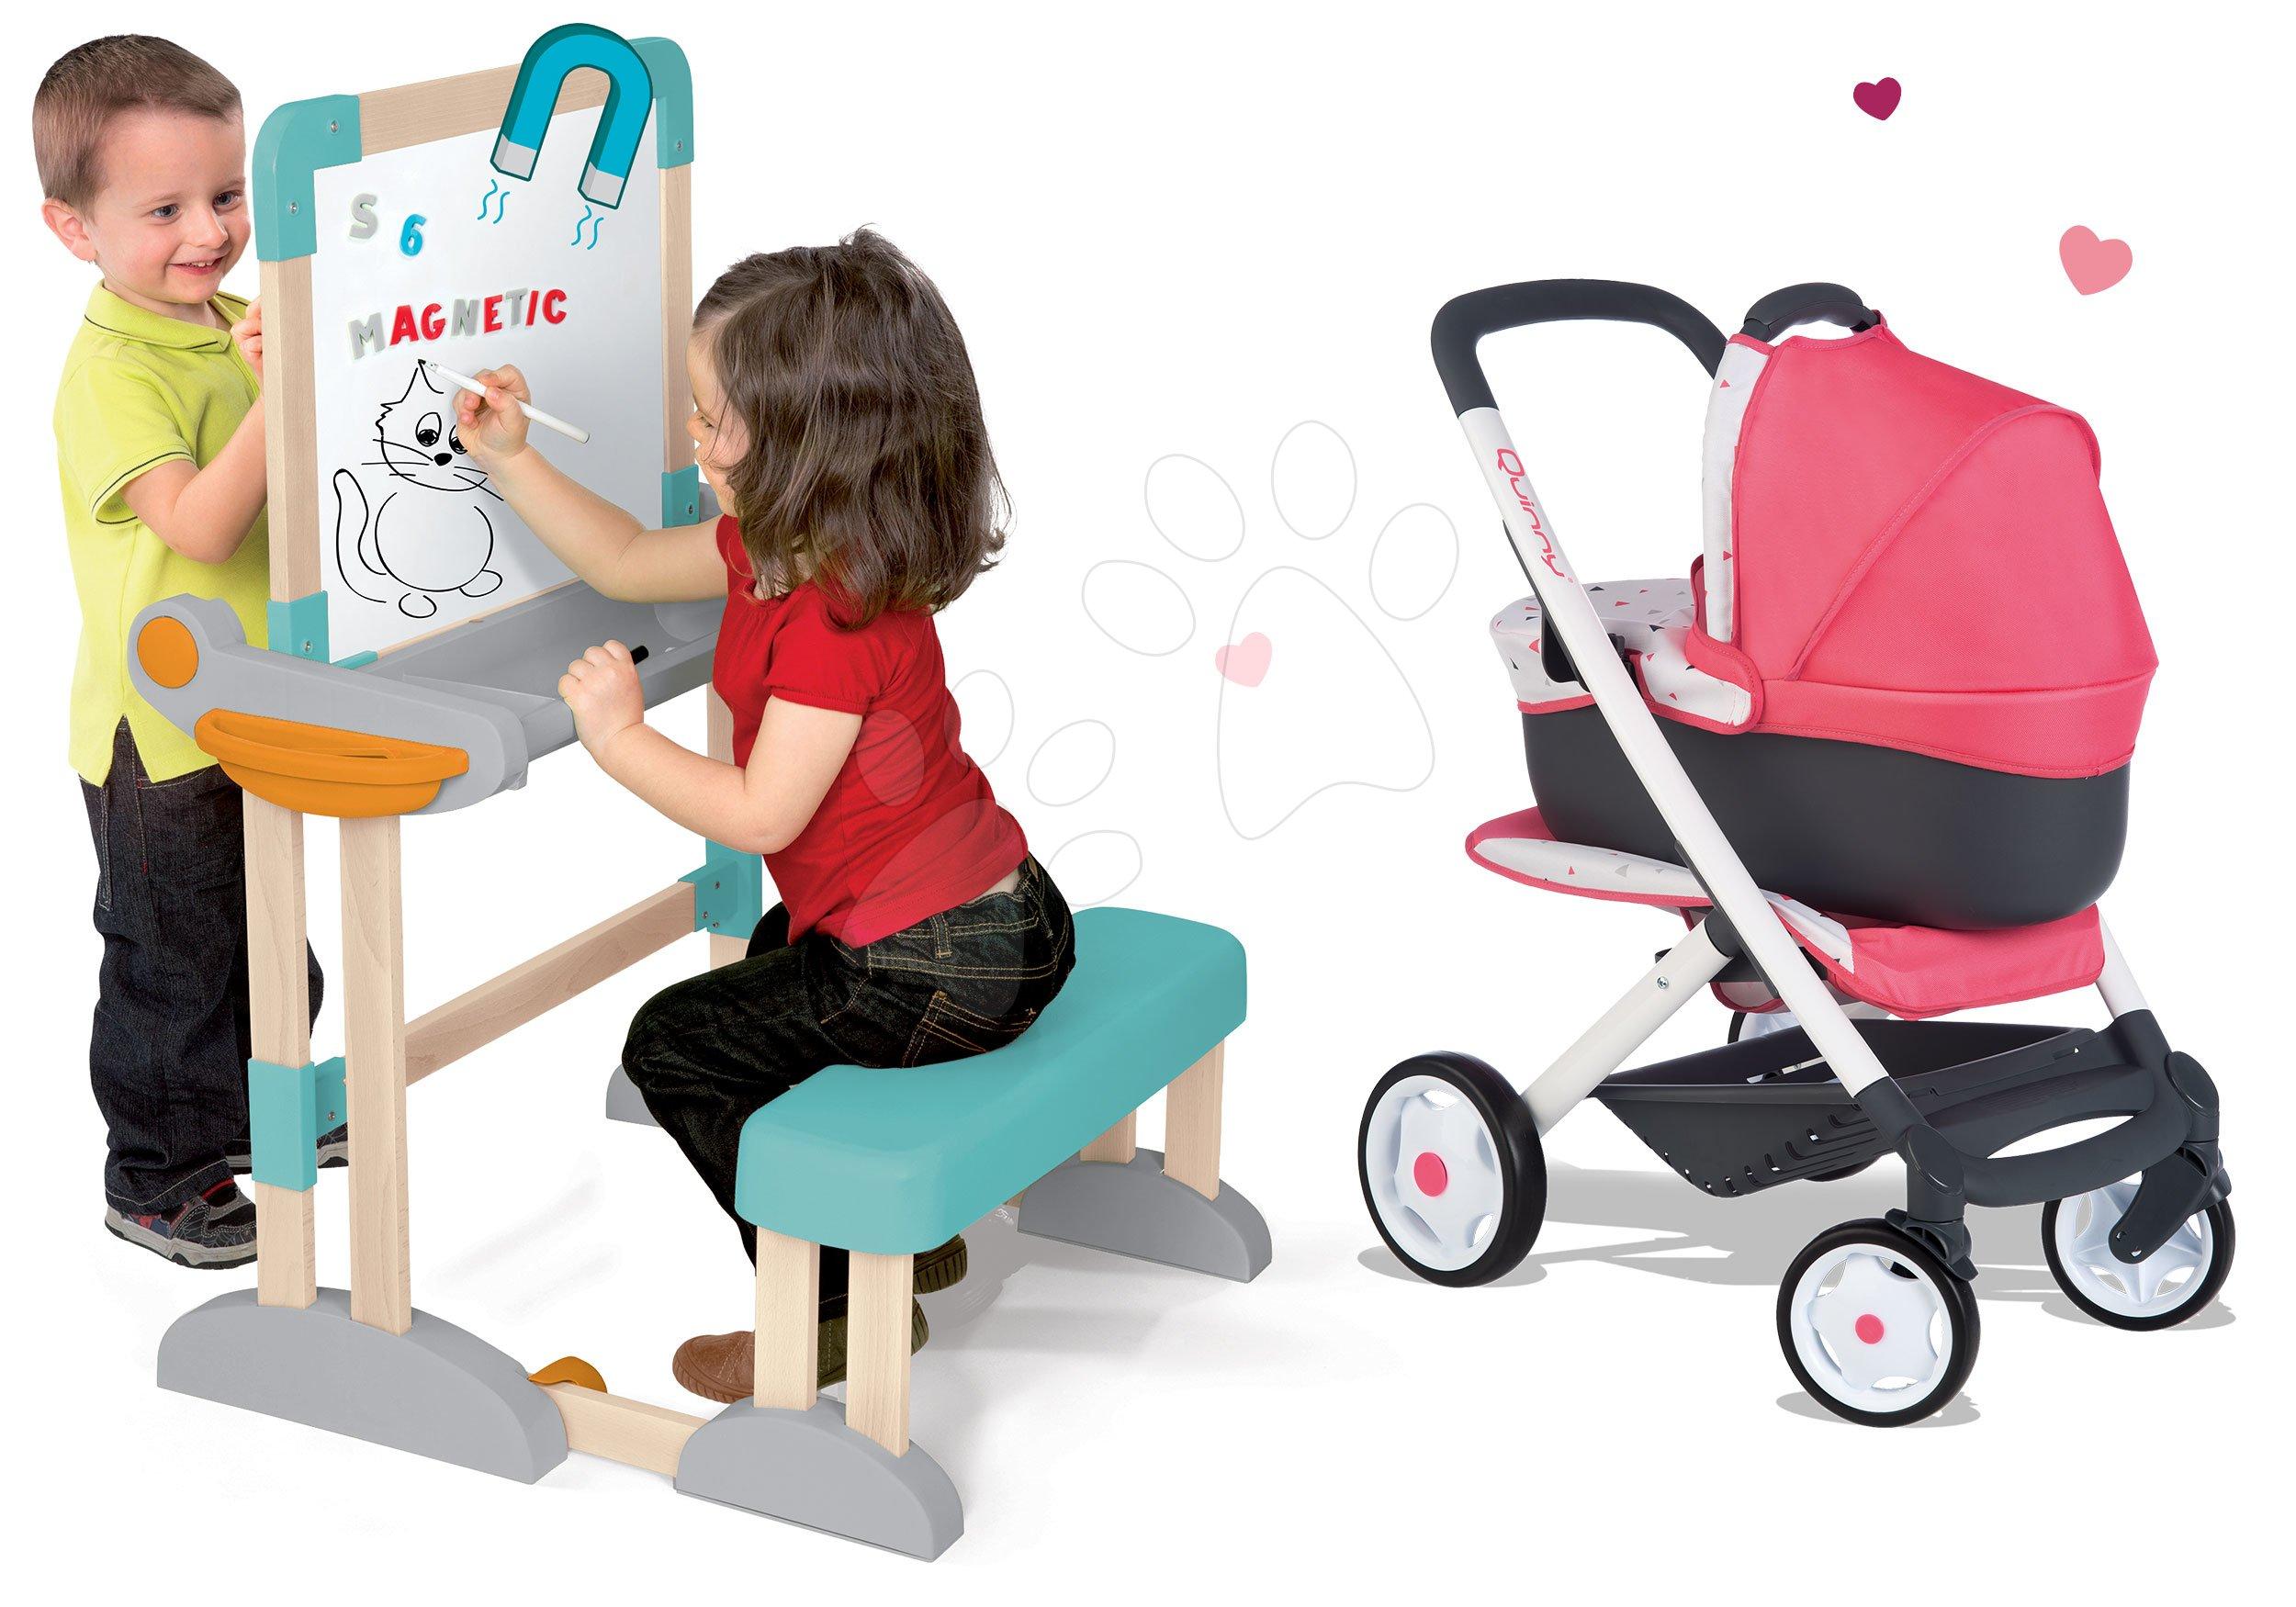 Set drevená lavica Modulo Space skladacia magnetická Smoby na kriedu a kočík pre bábiku hlboký a športový Trio Pastel